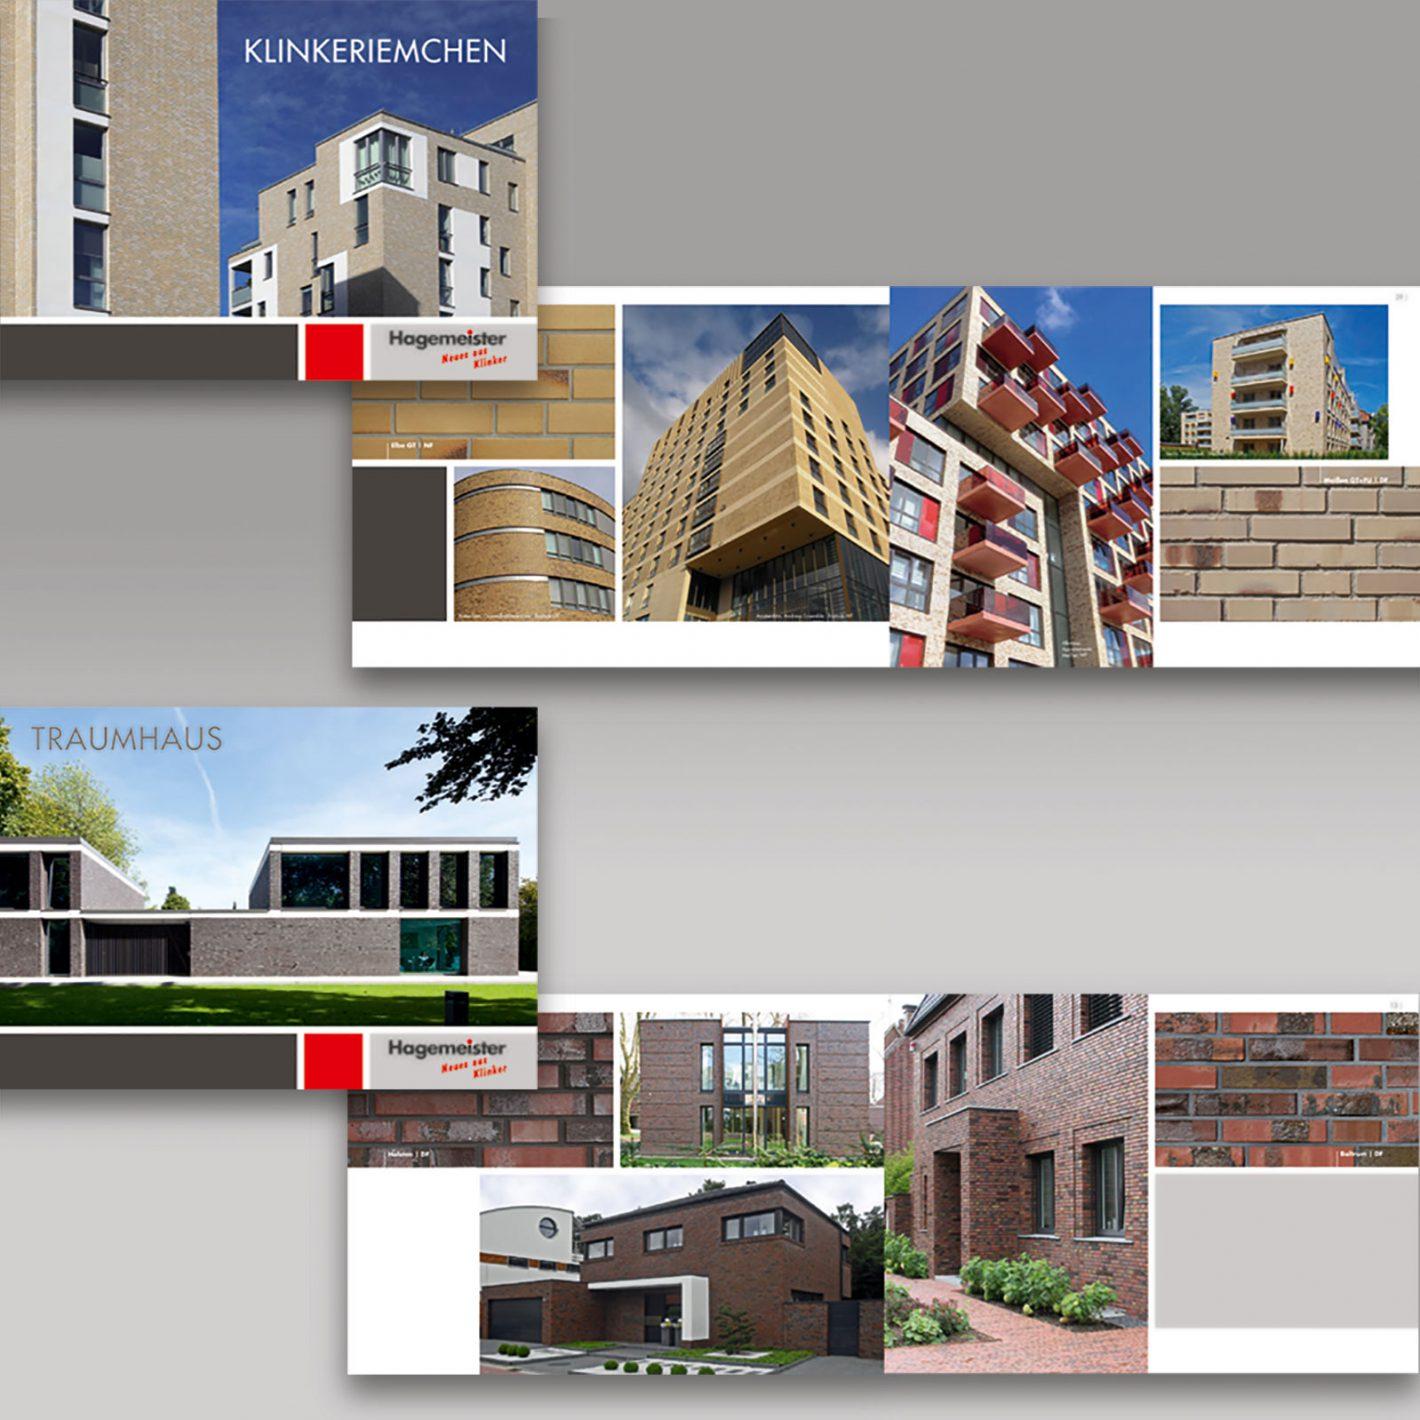 Der Designvertrag Zum Inhalt Und Vertragsschluss Agd Allianz